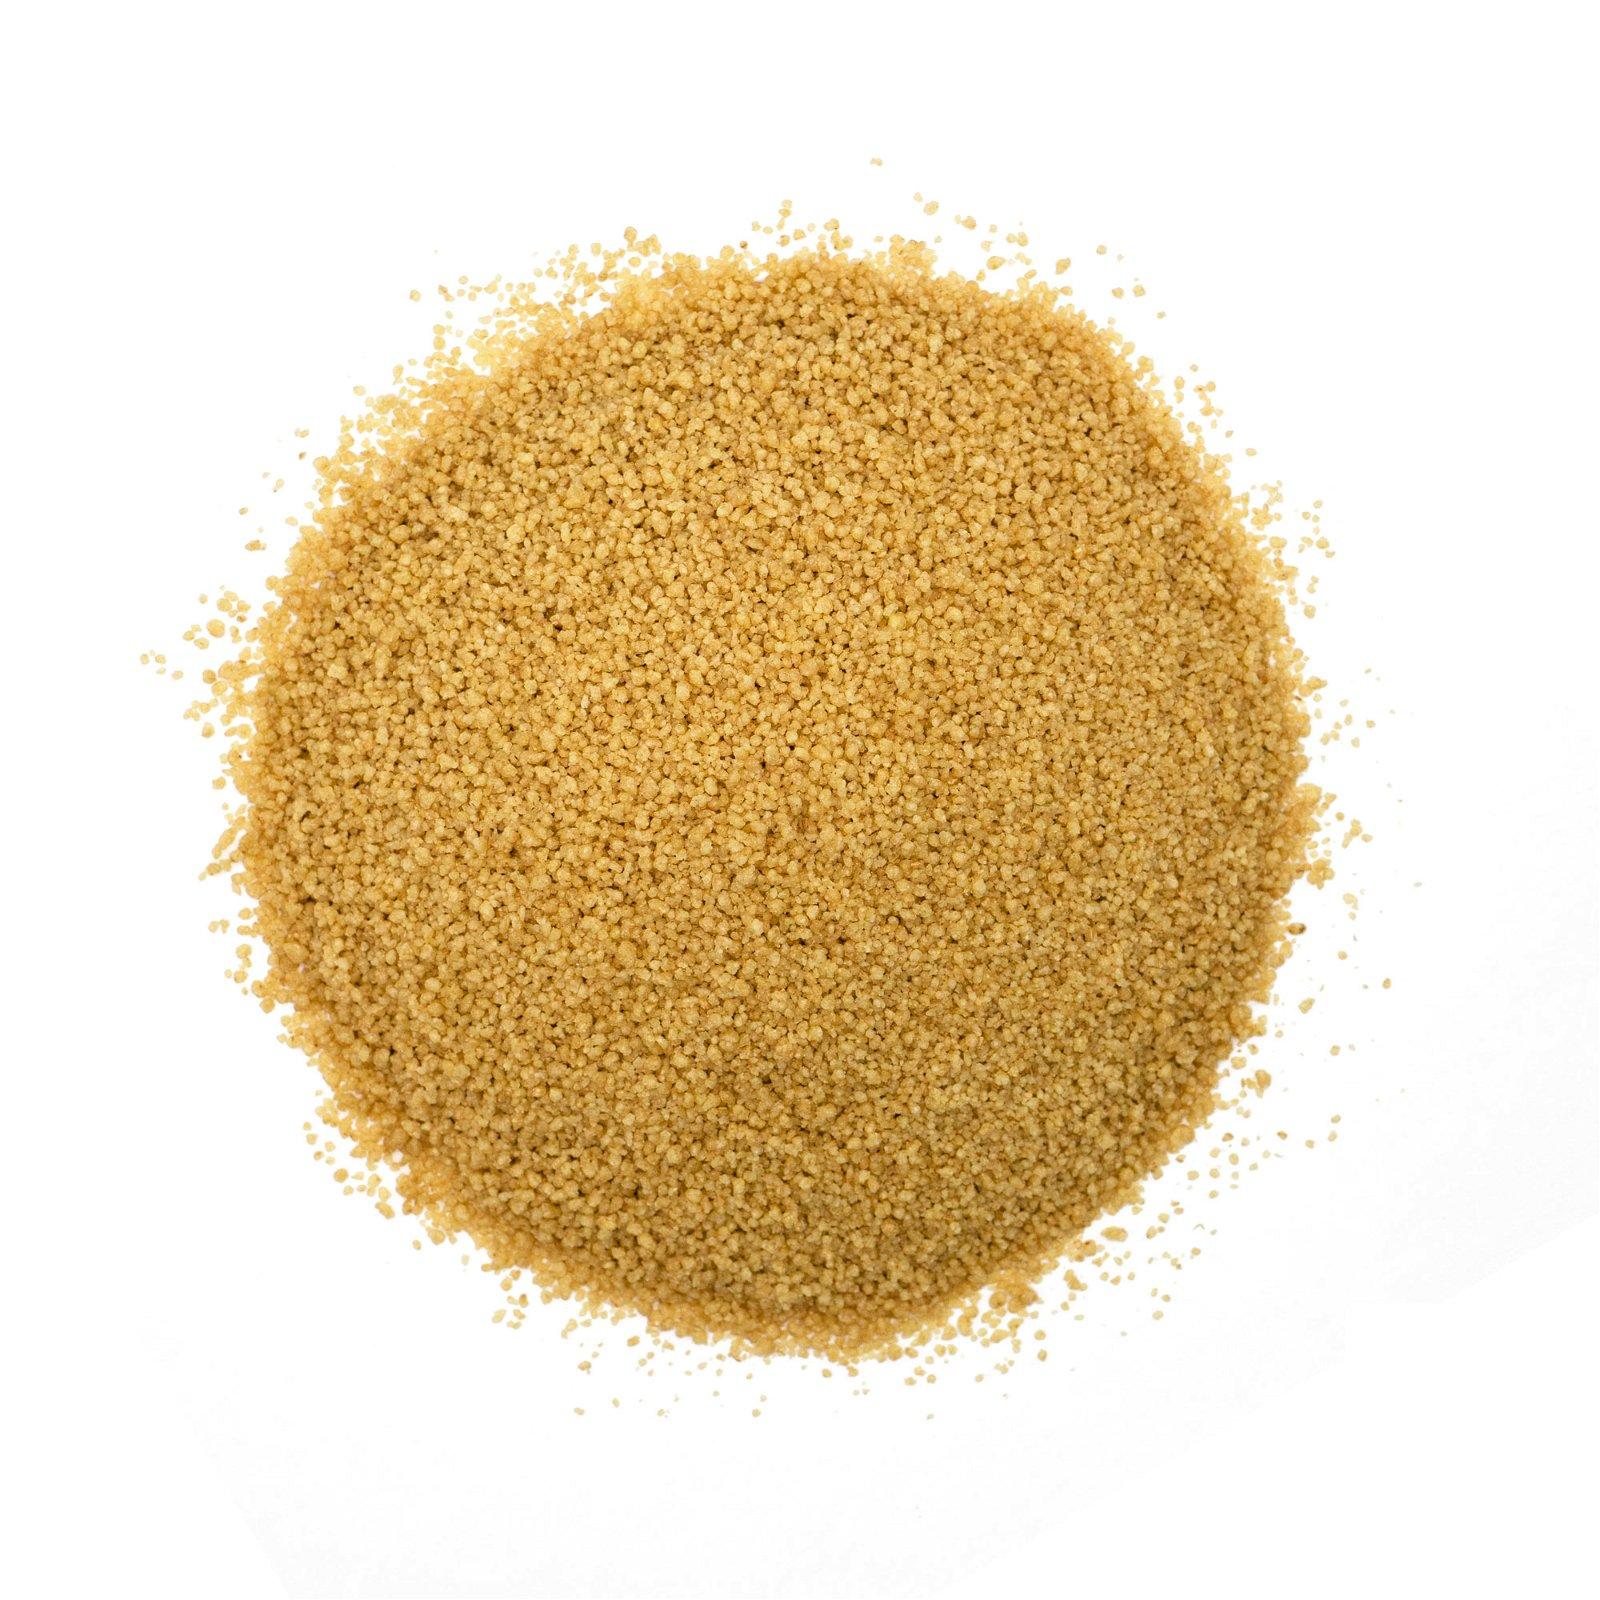 img-la-fourche-1kg-de-couscous-complet-bio-en-vrac